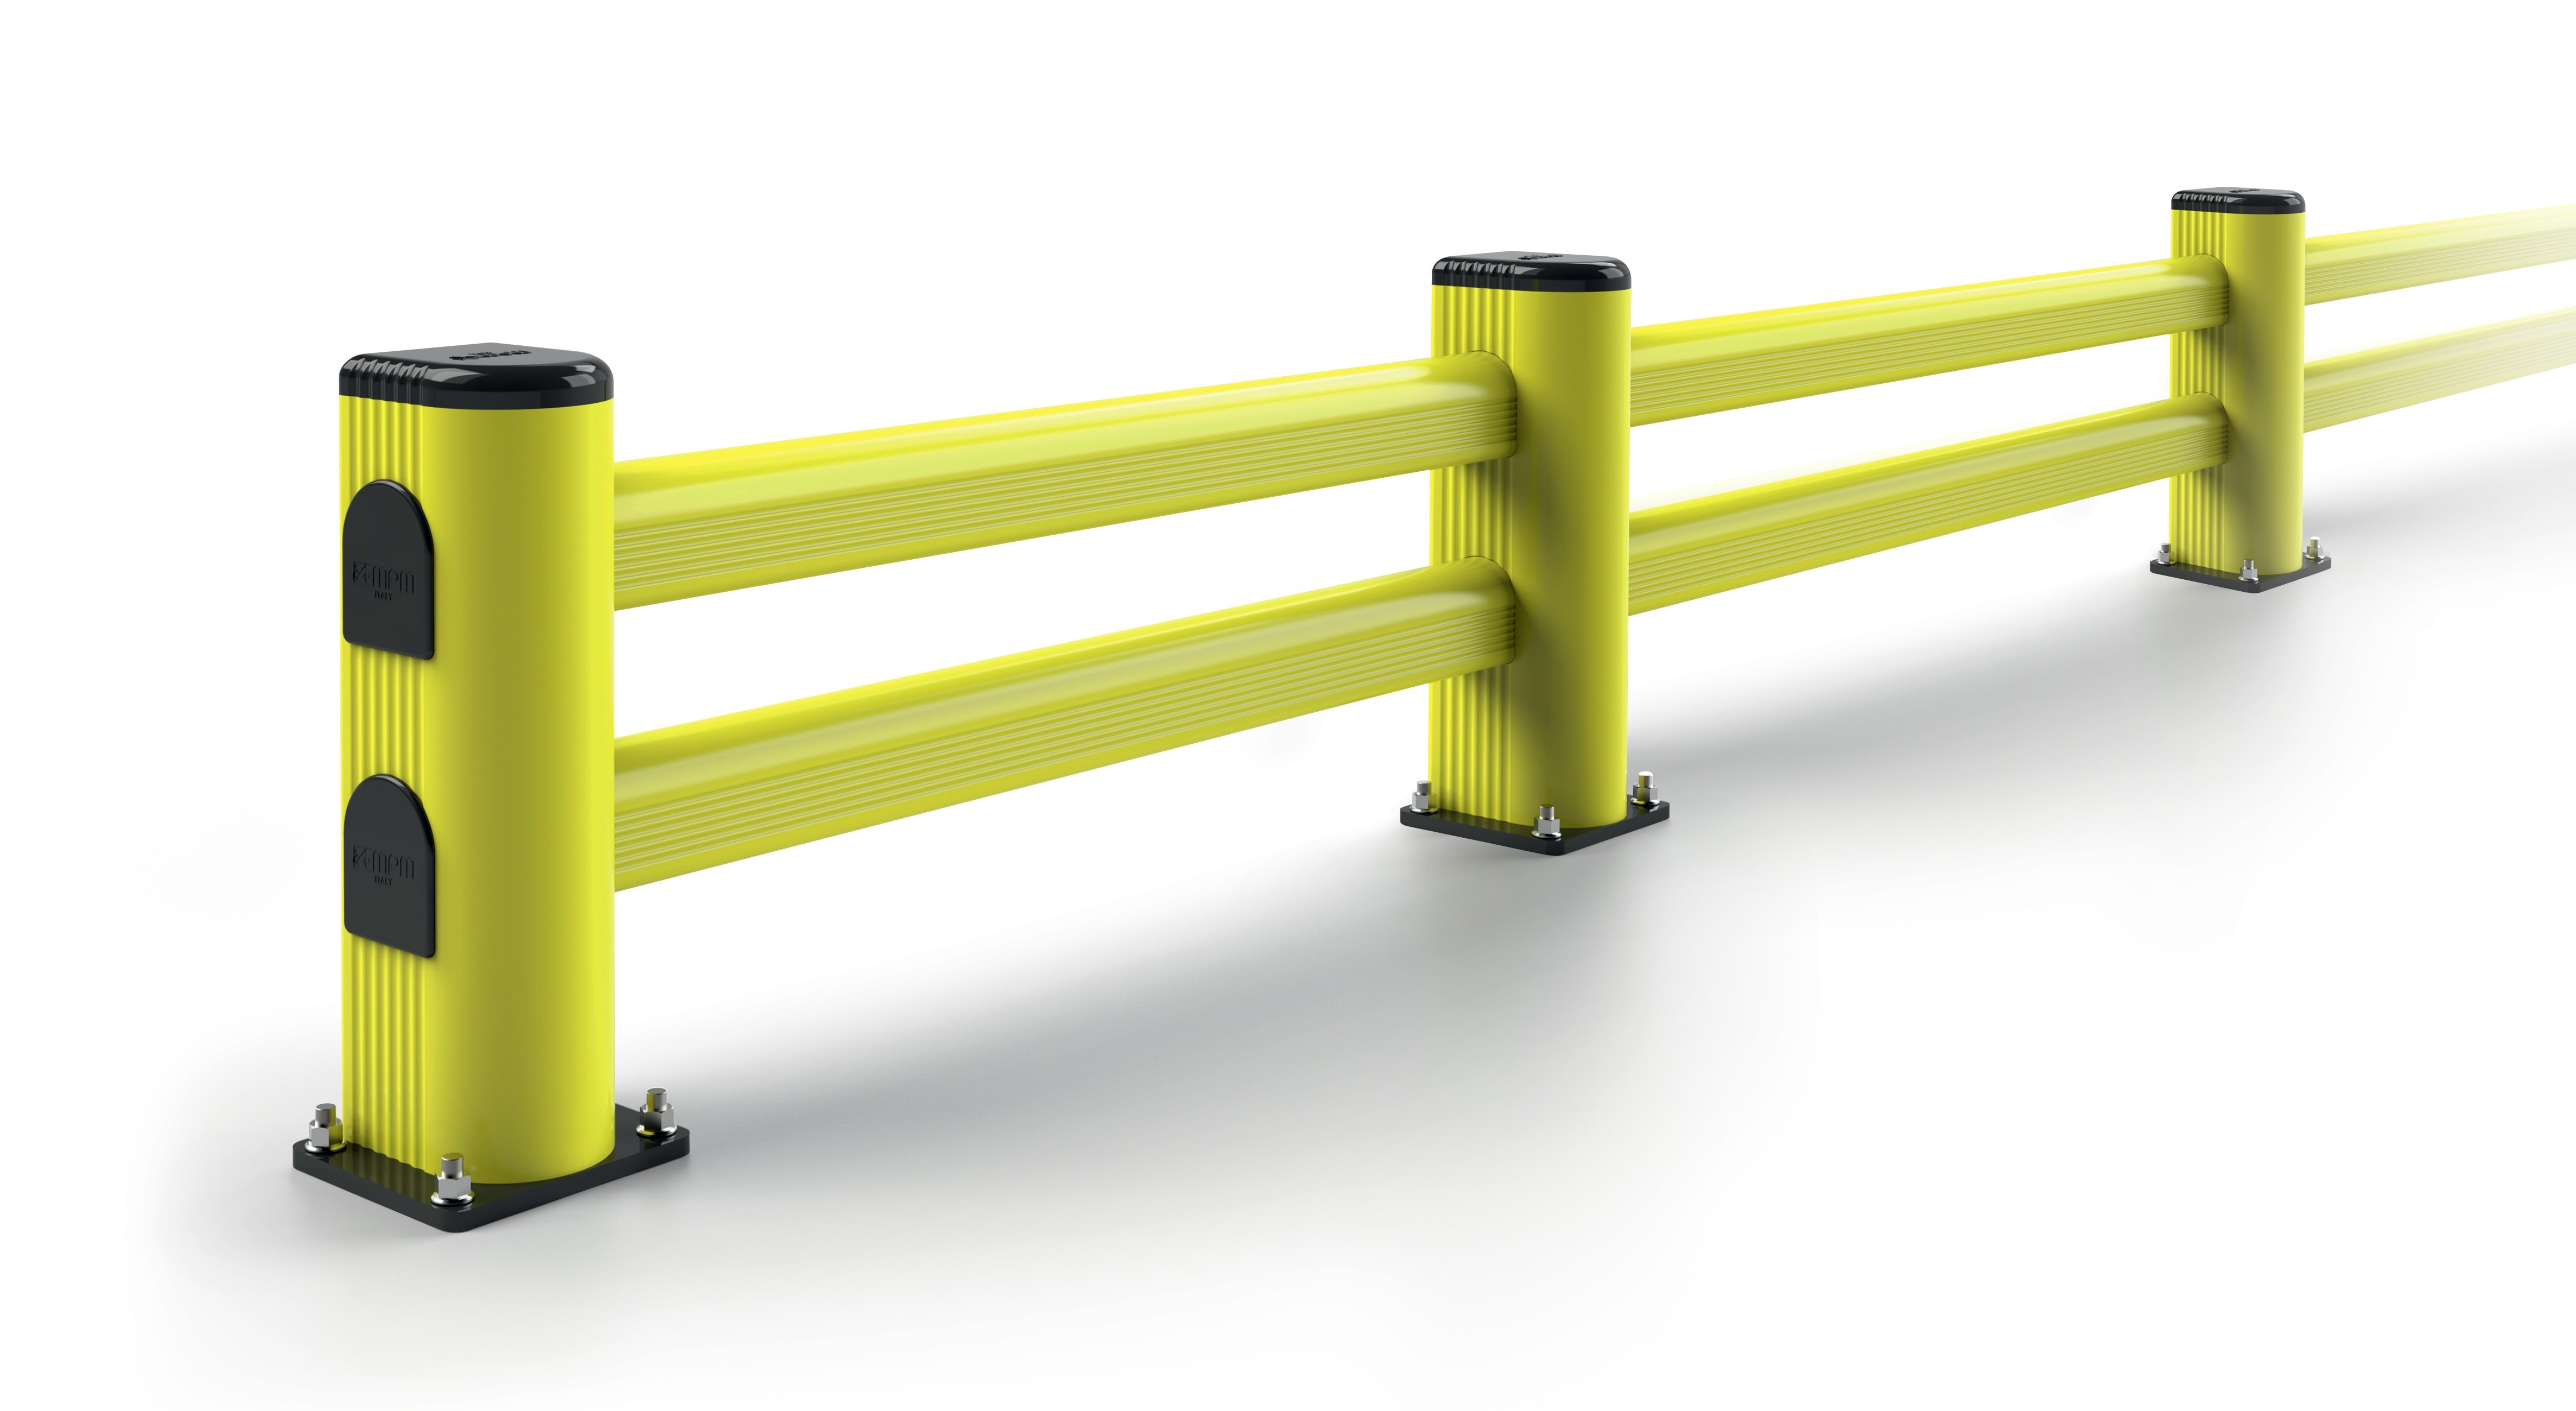 Bariera L przeznaczona do ciężkiego ruchu wózków widłowych